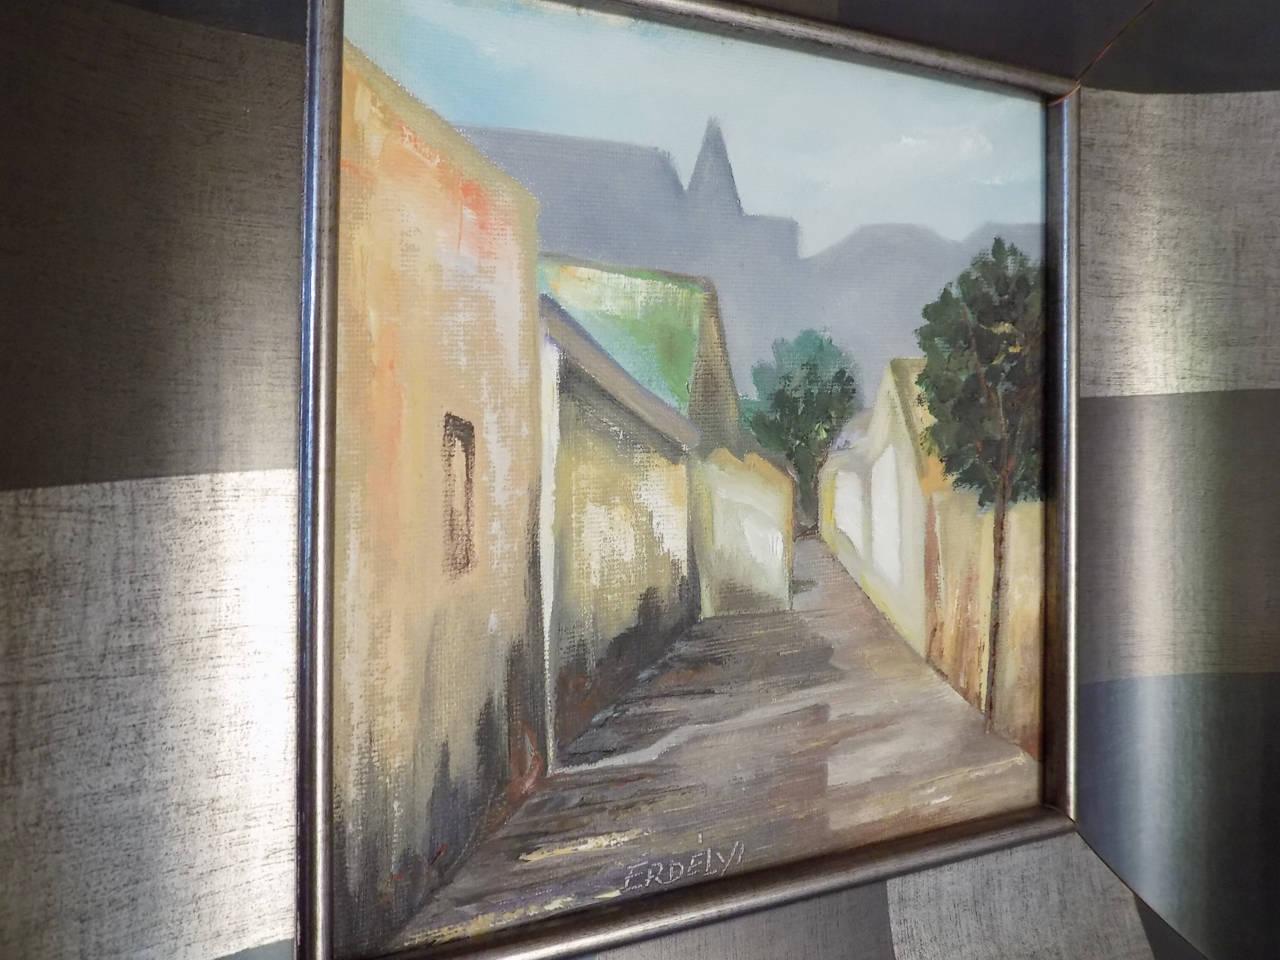 autentyczny obraz zakupiony podczas podróży